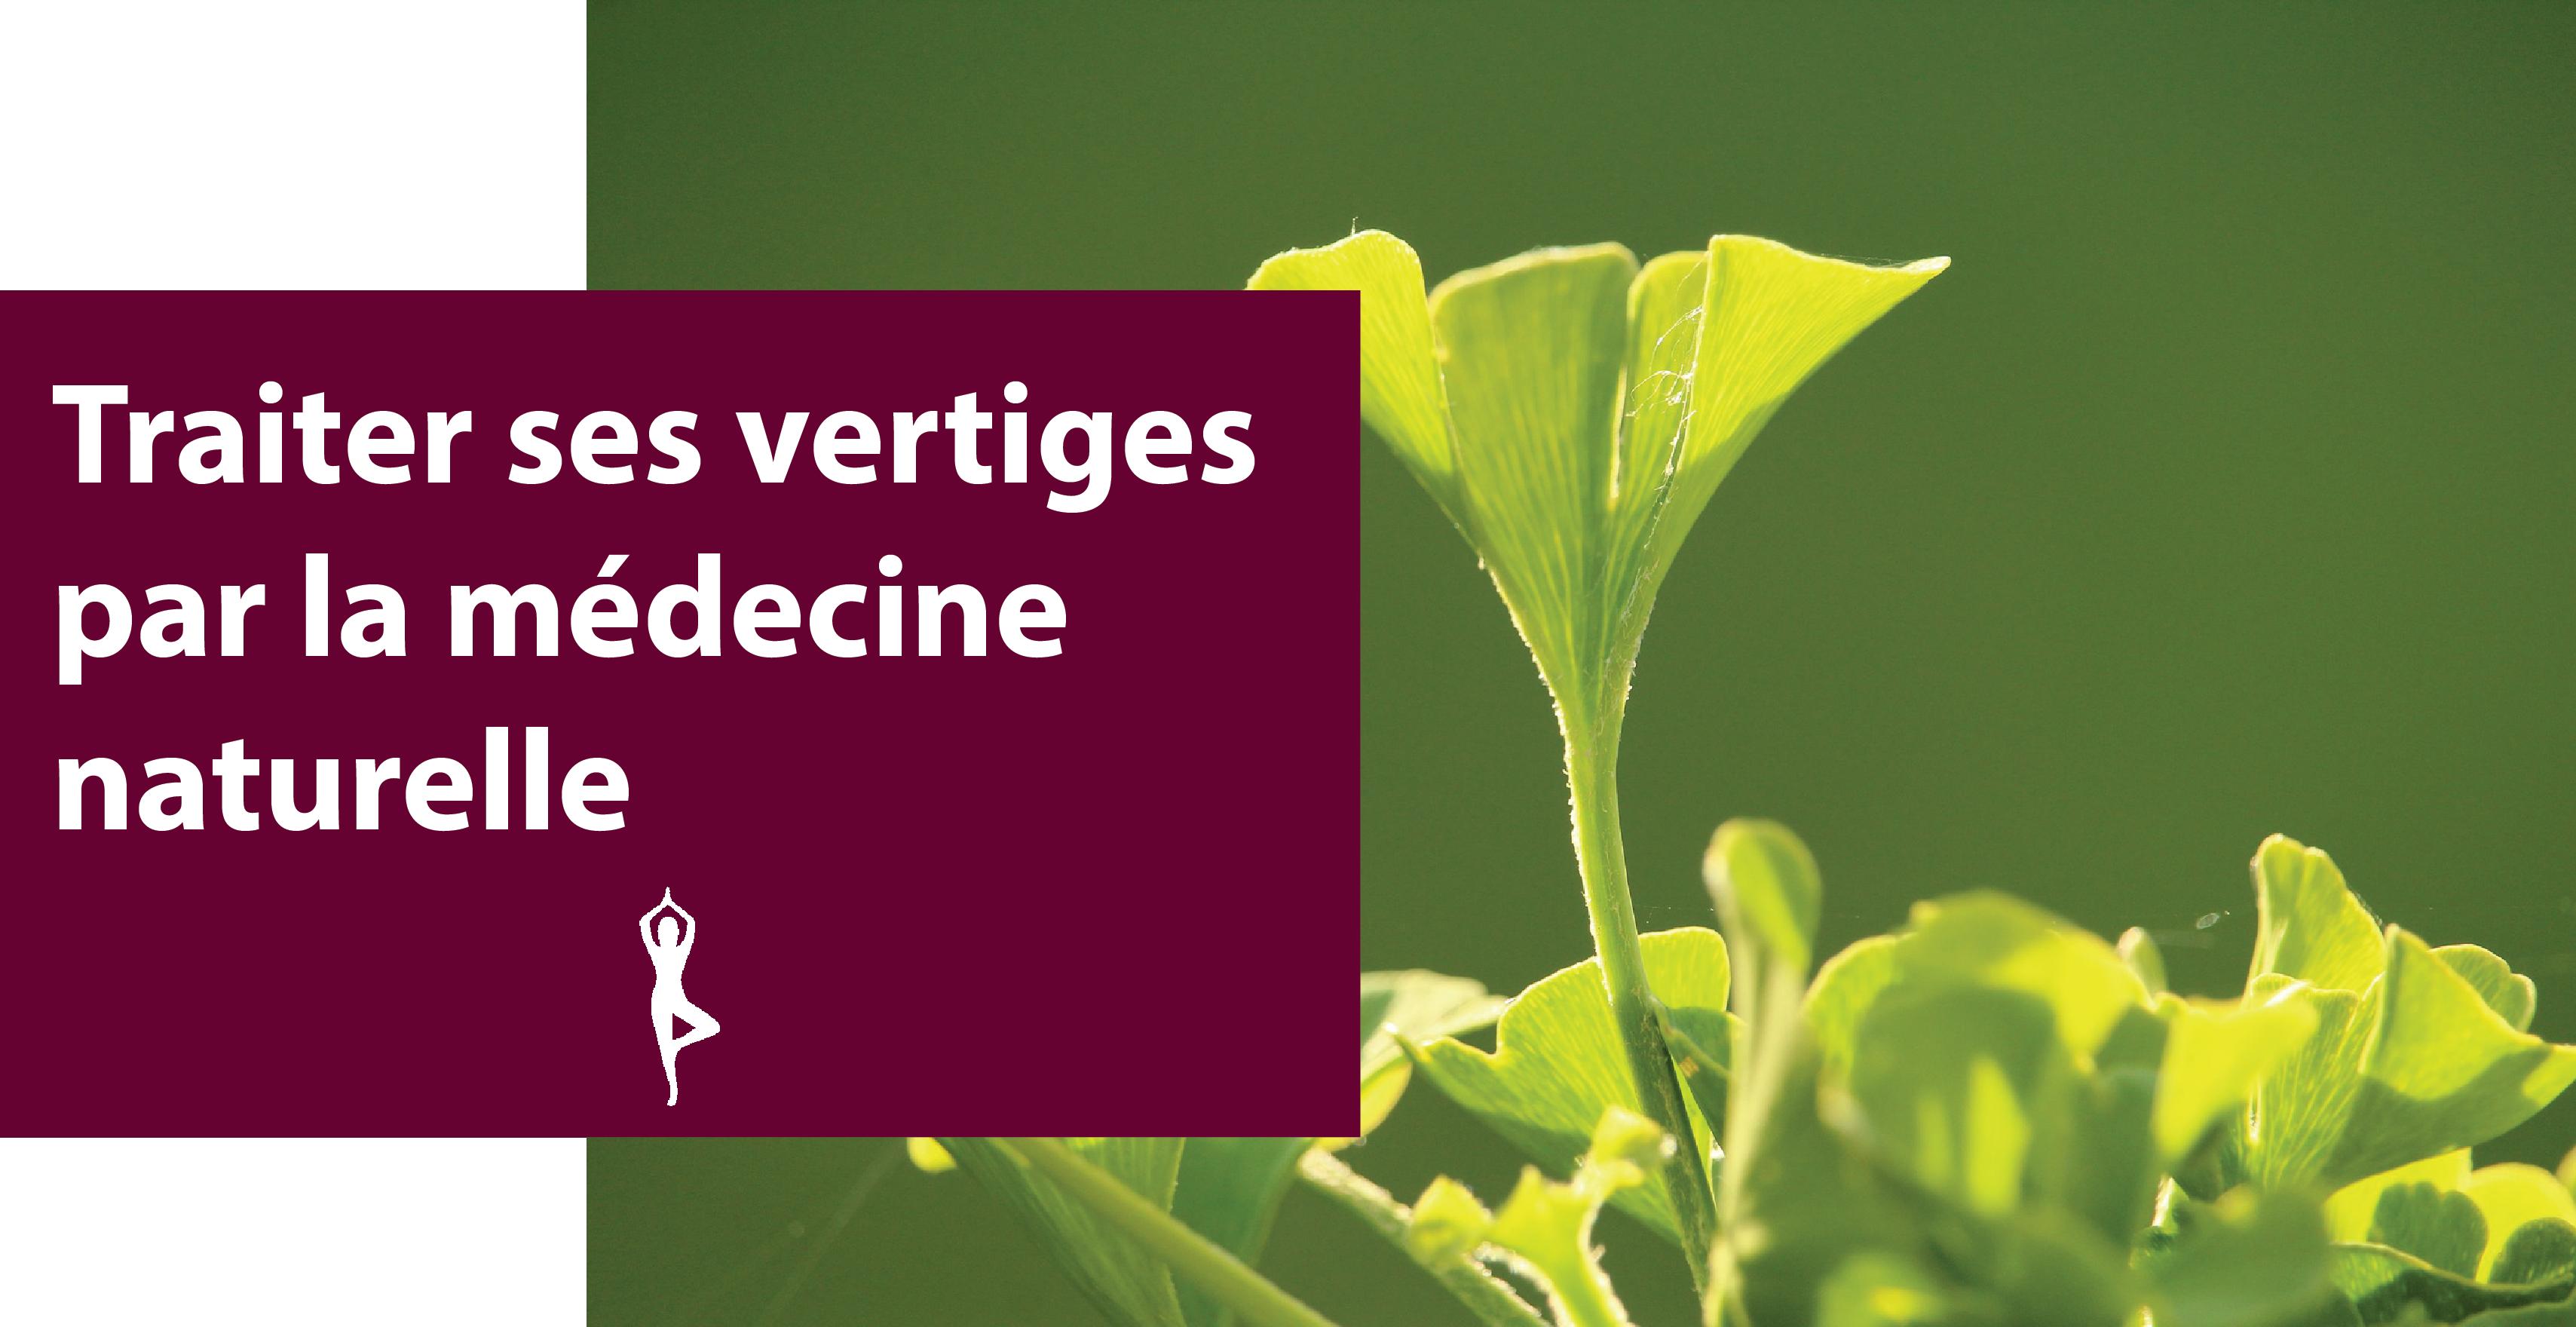 Traiter ses vertiges par la médecine naturelle